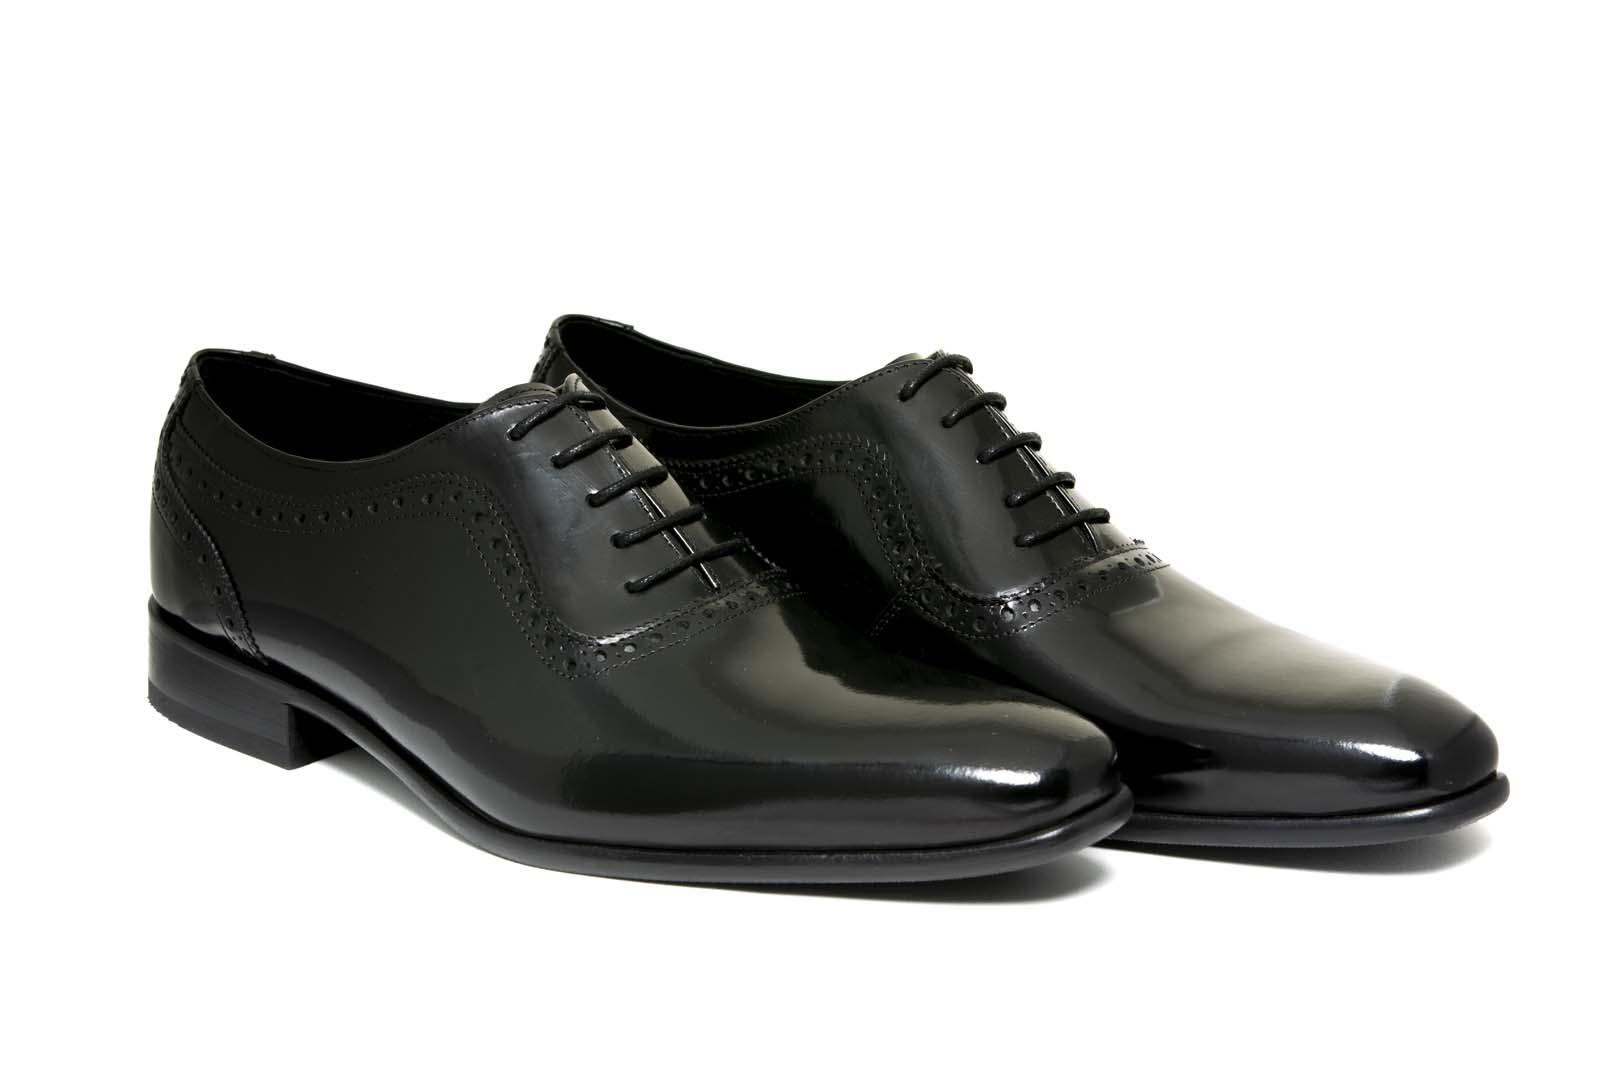 Zapatos de novio modelo Oxford negro liso antik